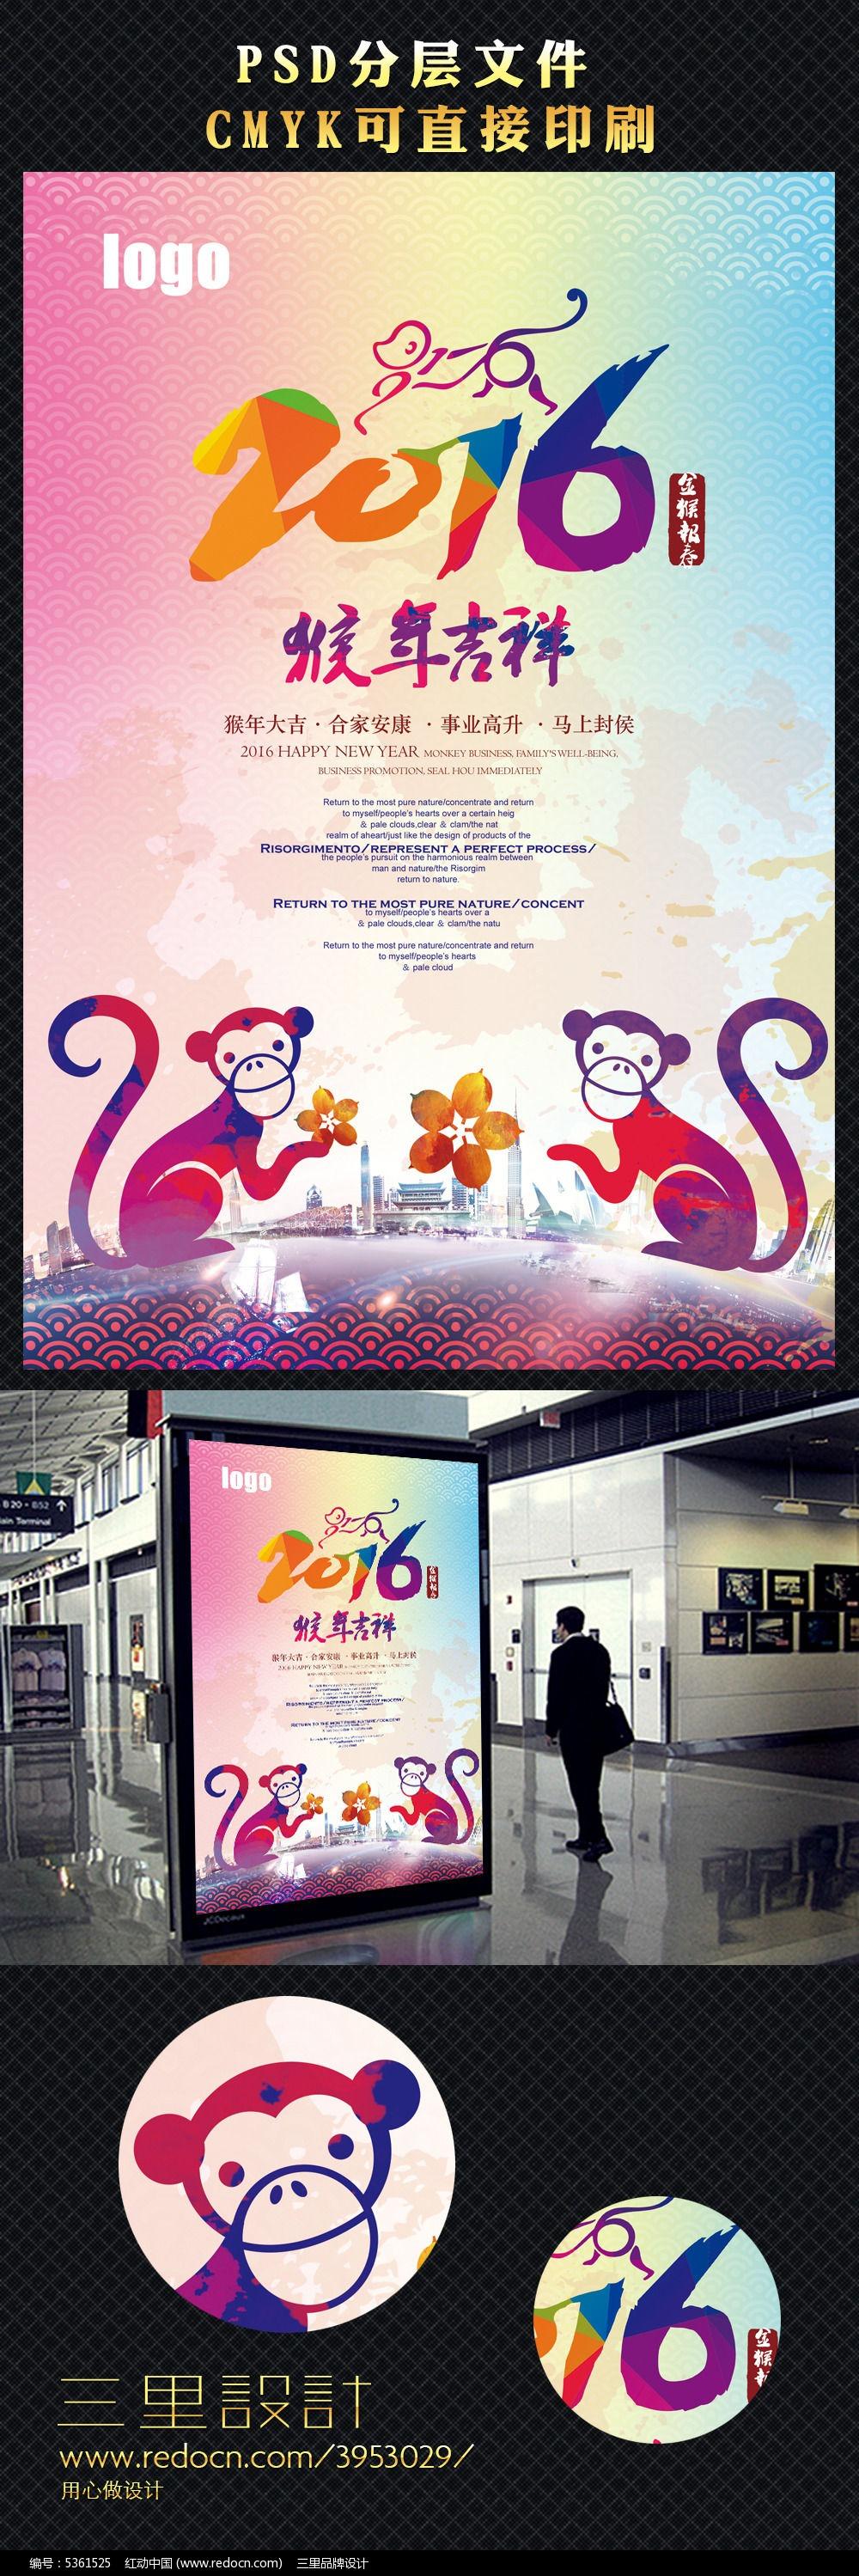 2016猴年吉祥海報設計